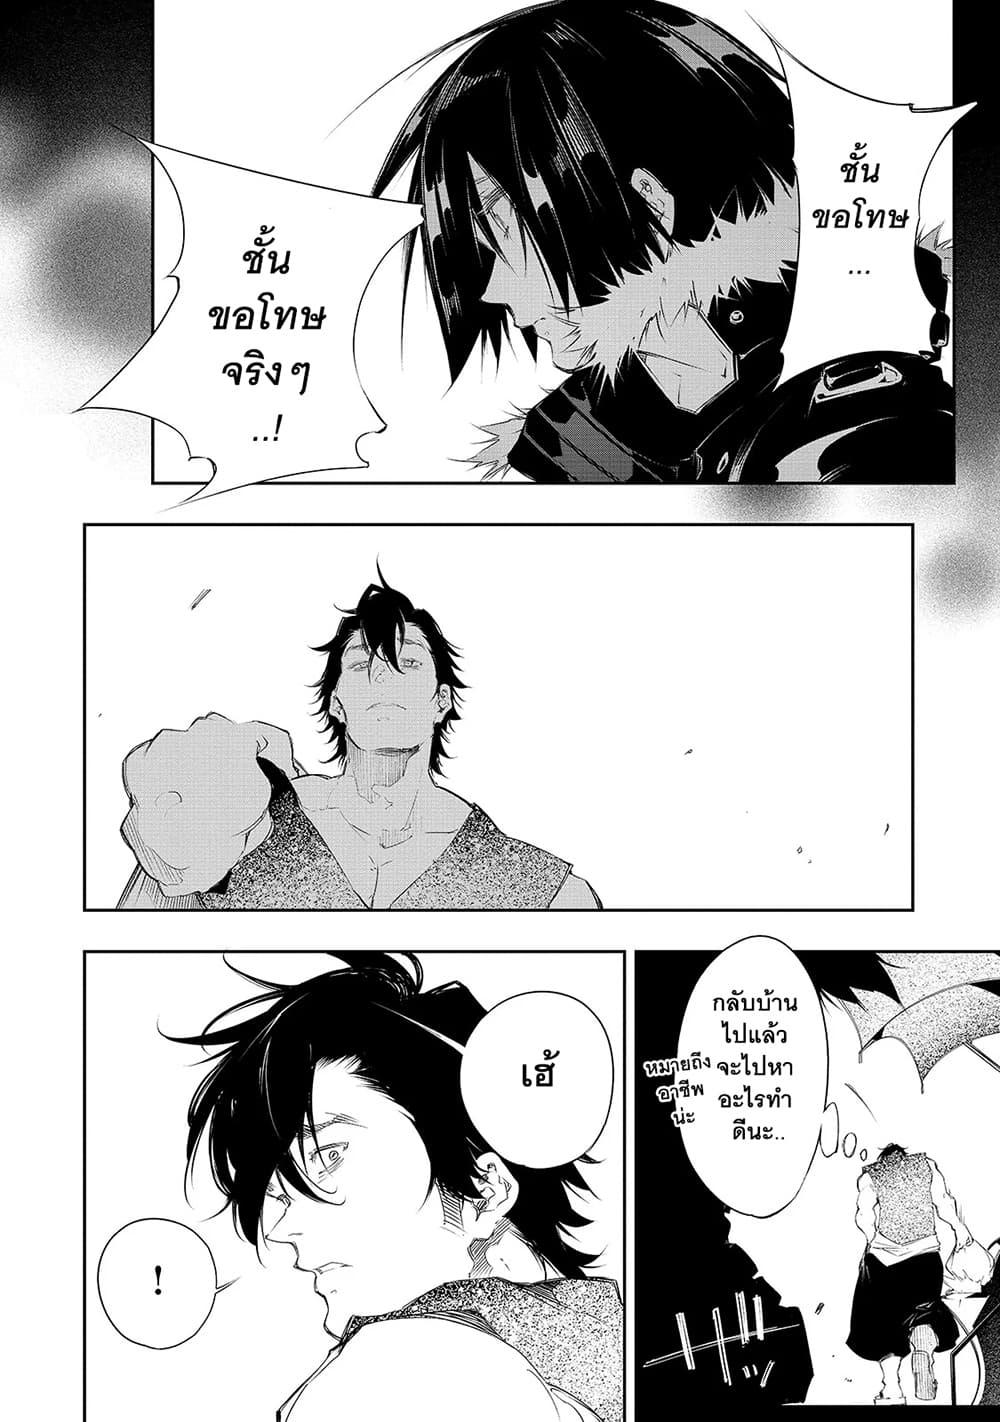 อ่านการ์ตูน Saikyou no Shien-shoku Wajutsushi Dearu Ore wa Sekai Saikyou Kuran o Shitagaeru ตอนที่ 8 หน้าที่ 13